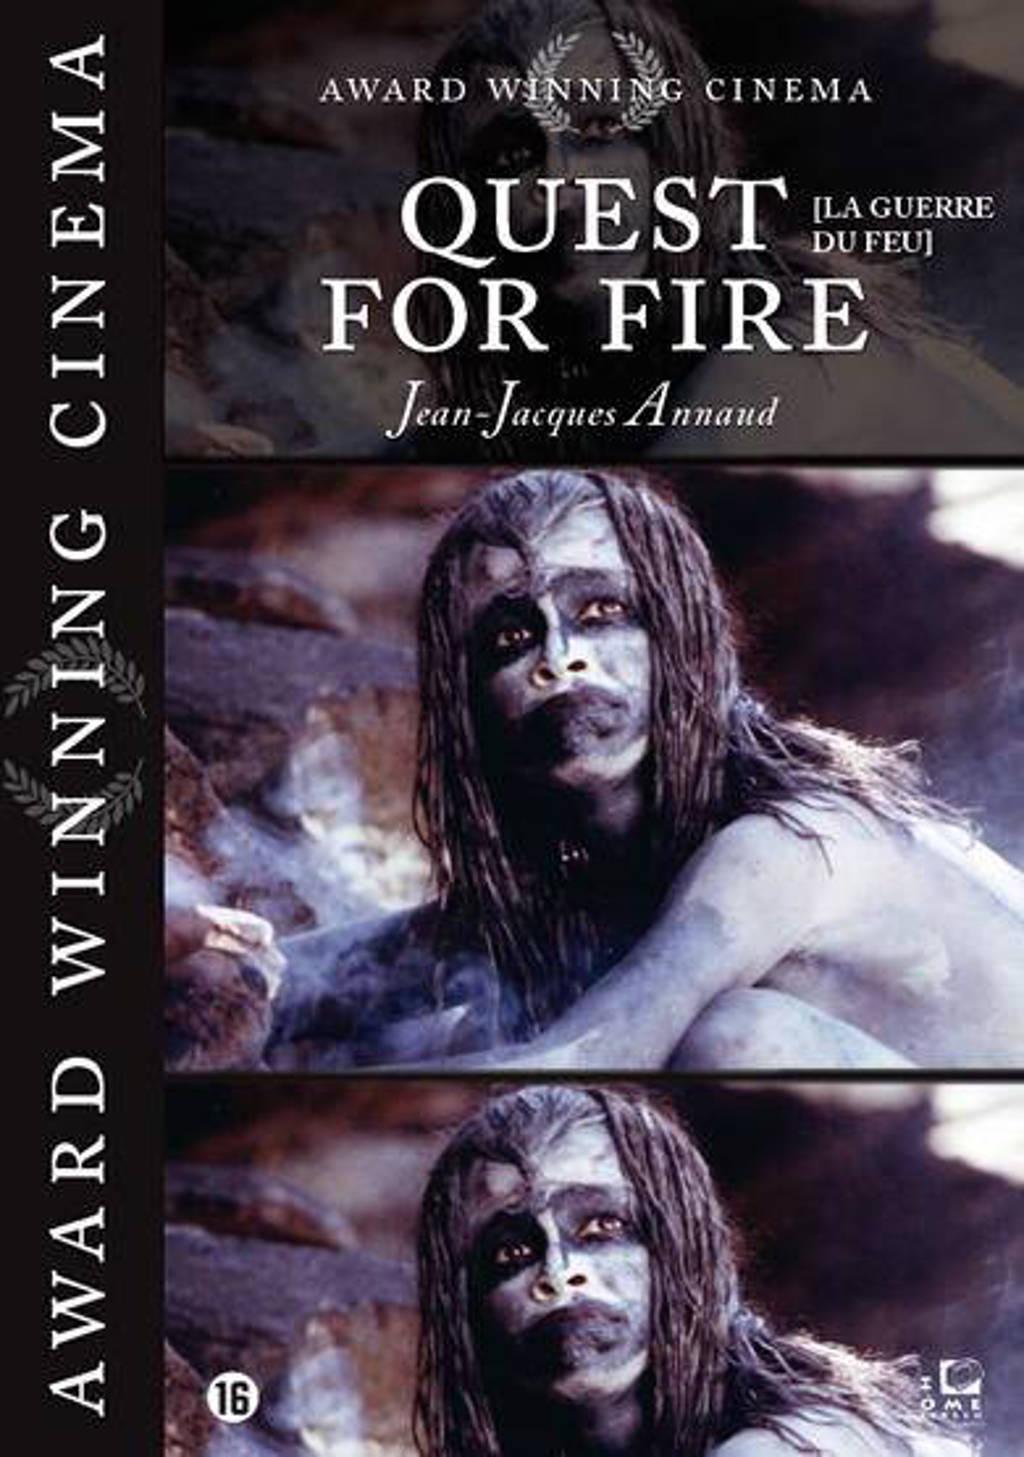 Quest for fire (La guerre du feu) (DVD)